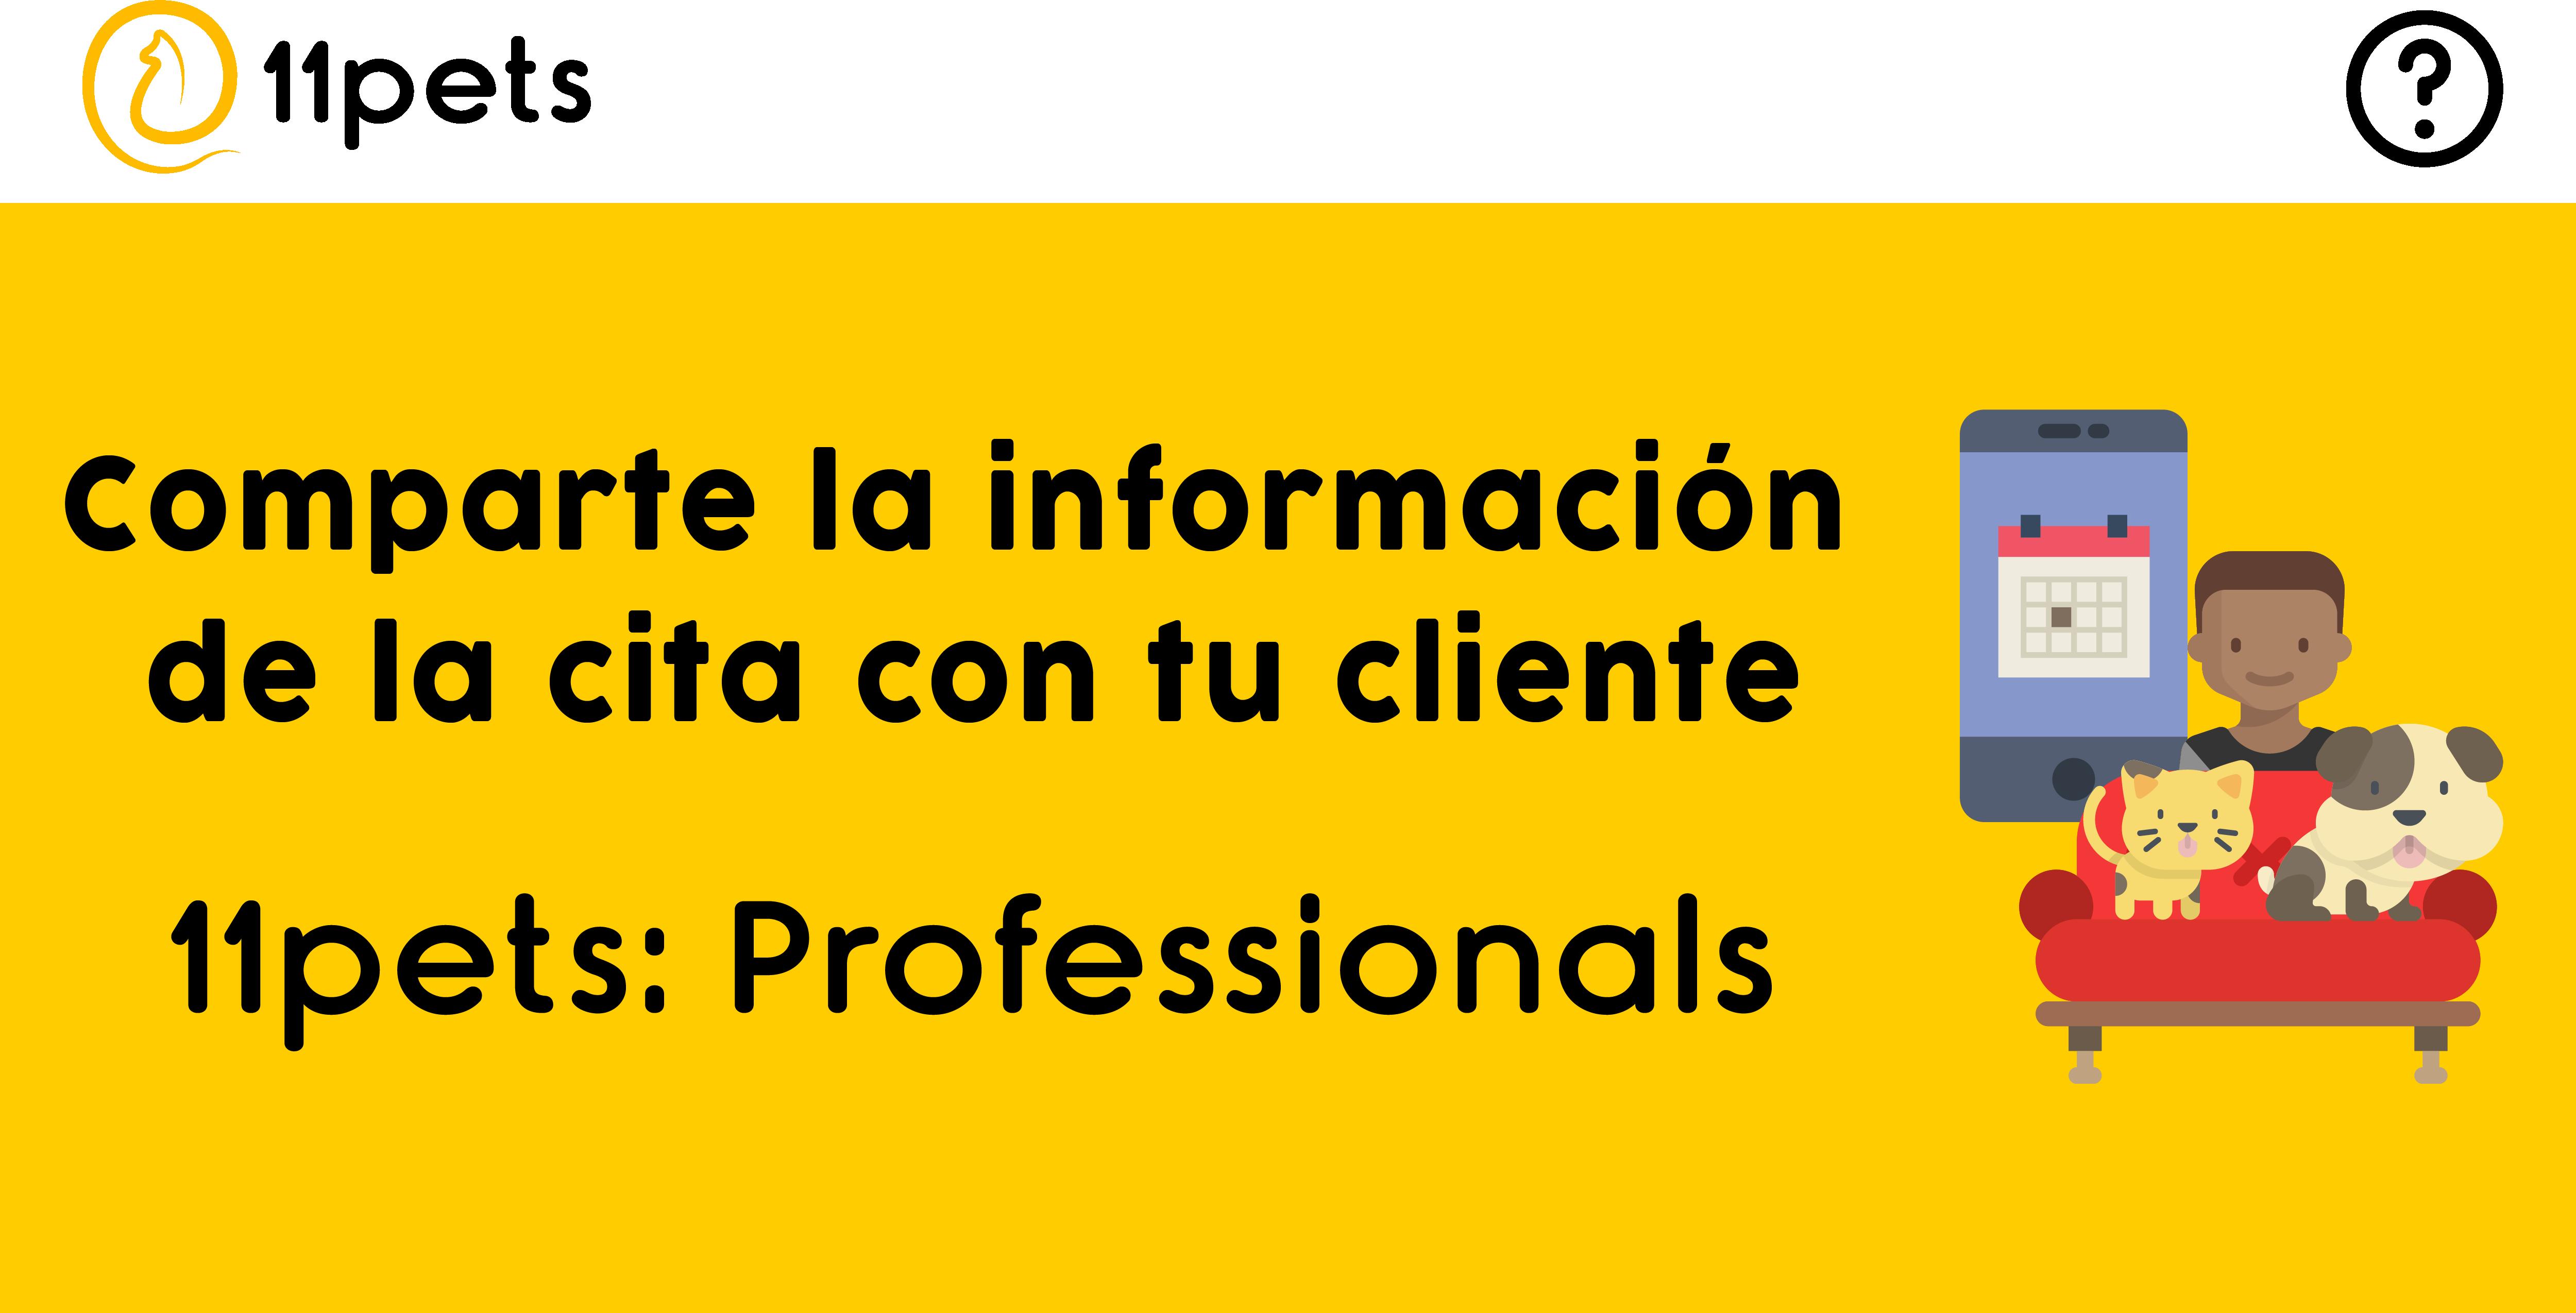 Comparte la información de la cita con tu cliente